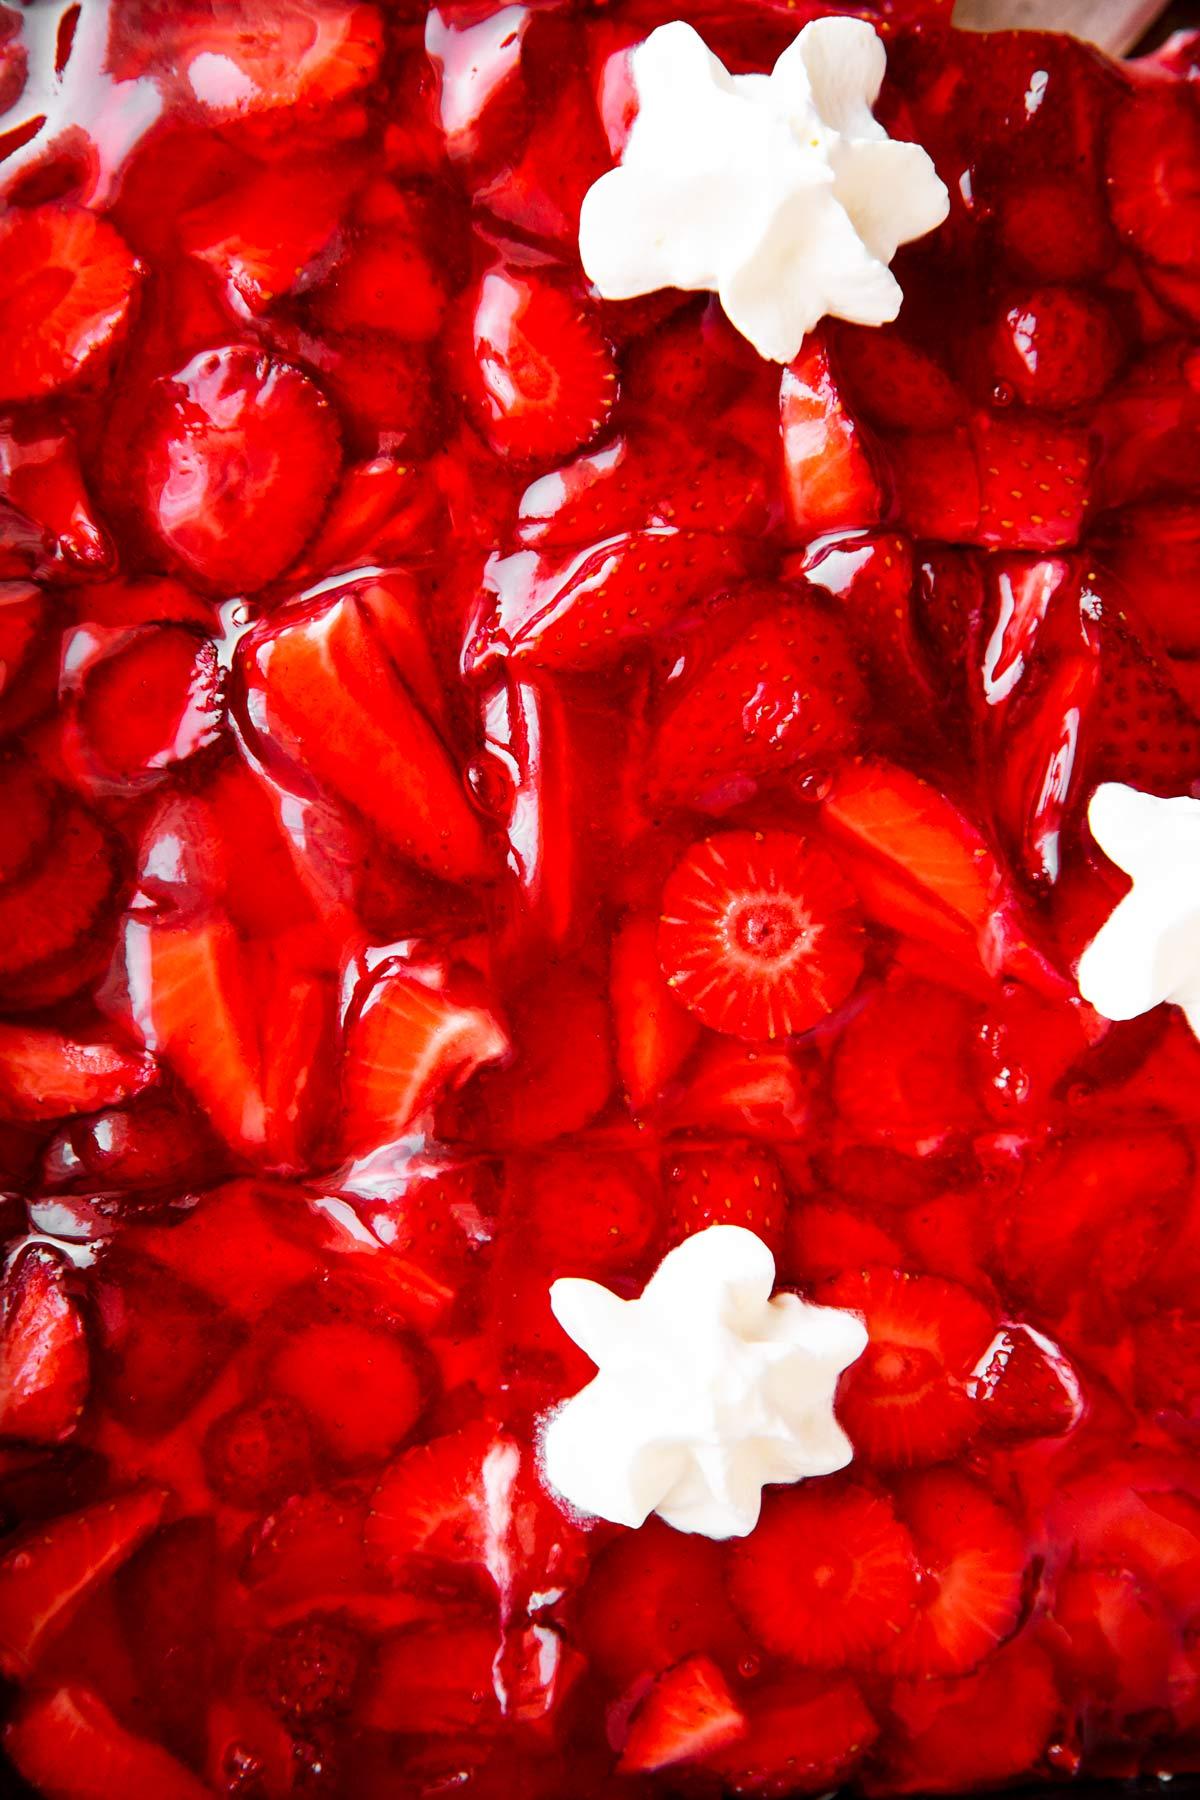 Nahaufnahme von Erdbeerkuchen von Oben